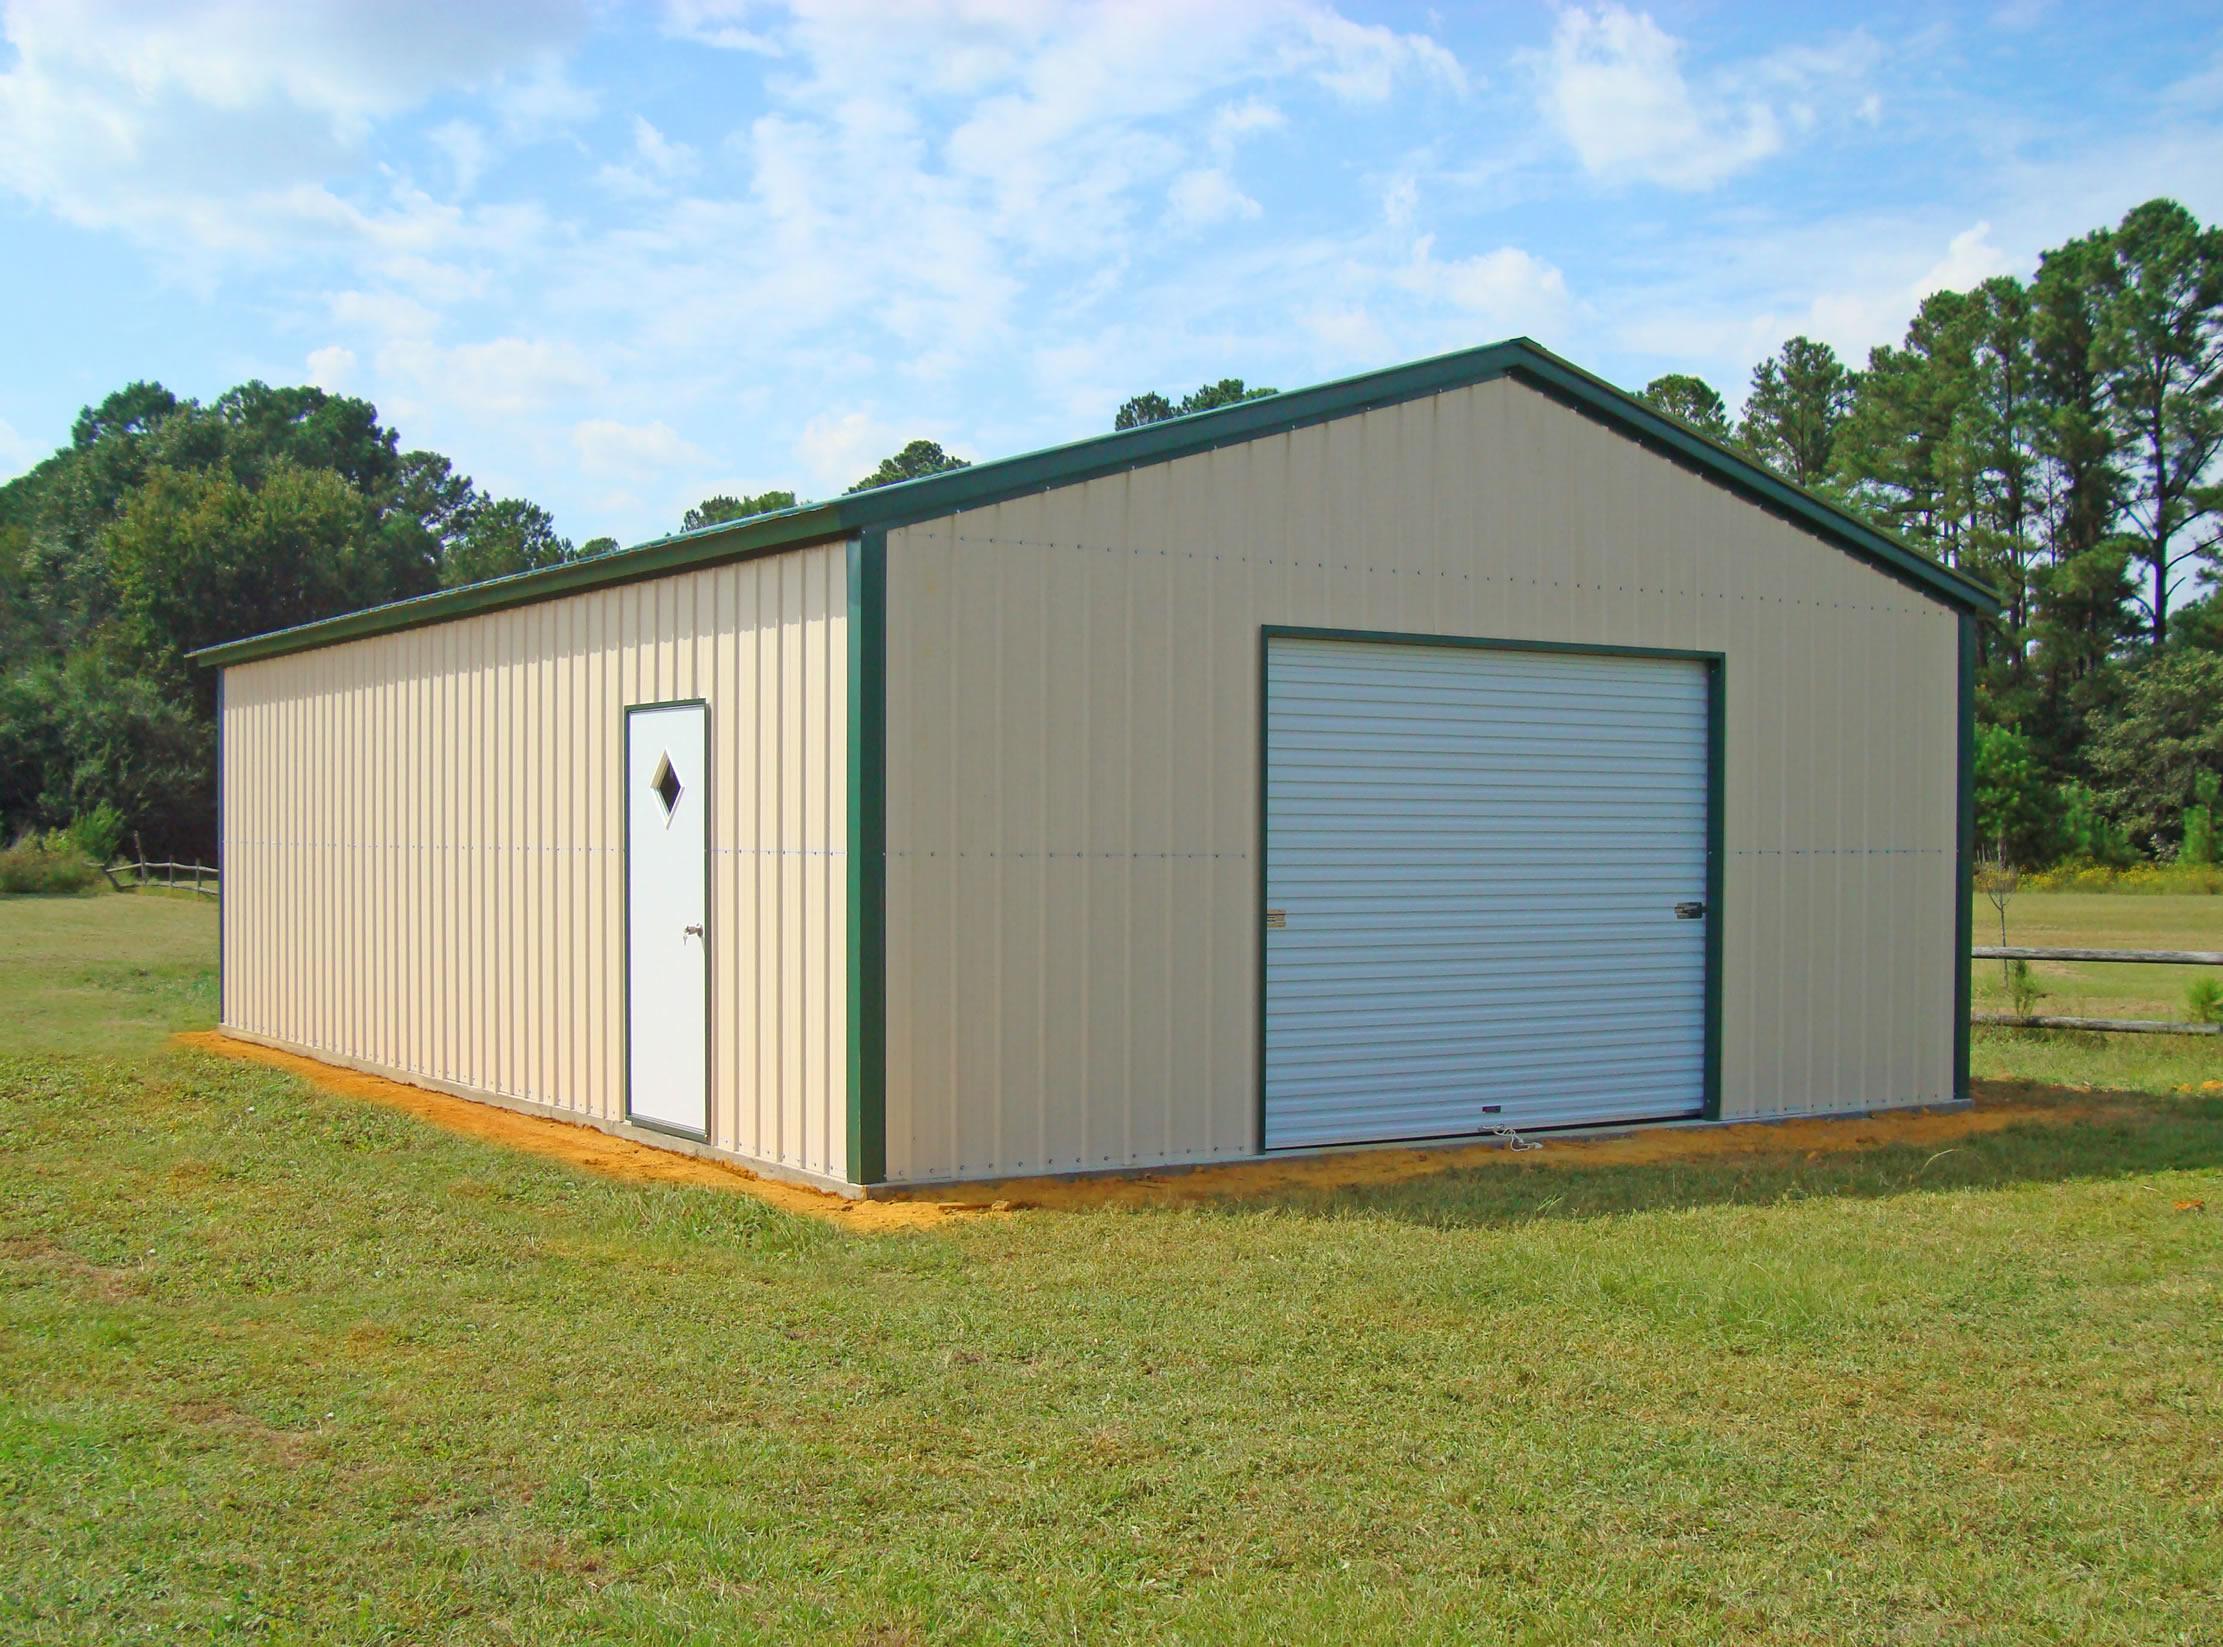 Garages metal garage2 jpg for Rv garage cost